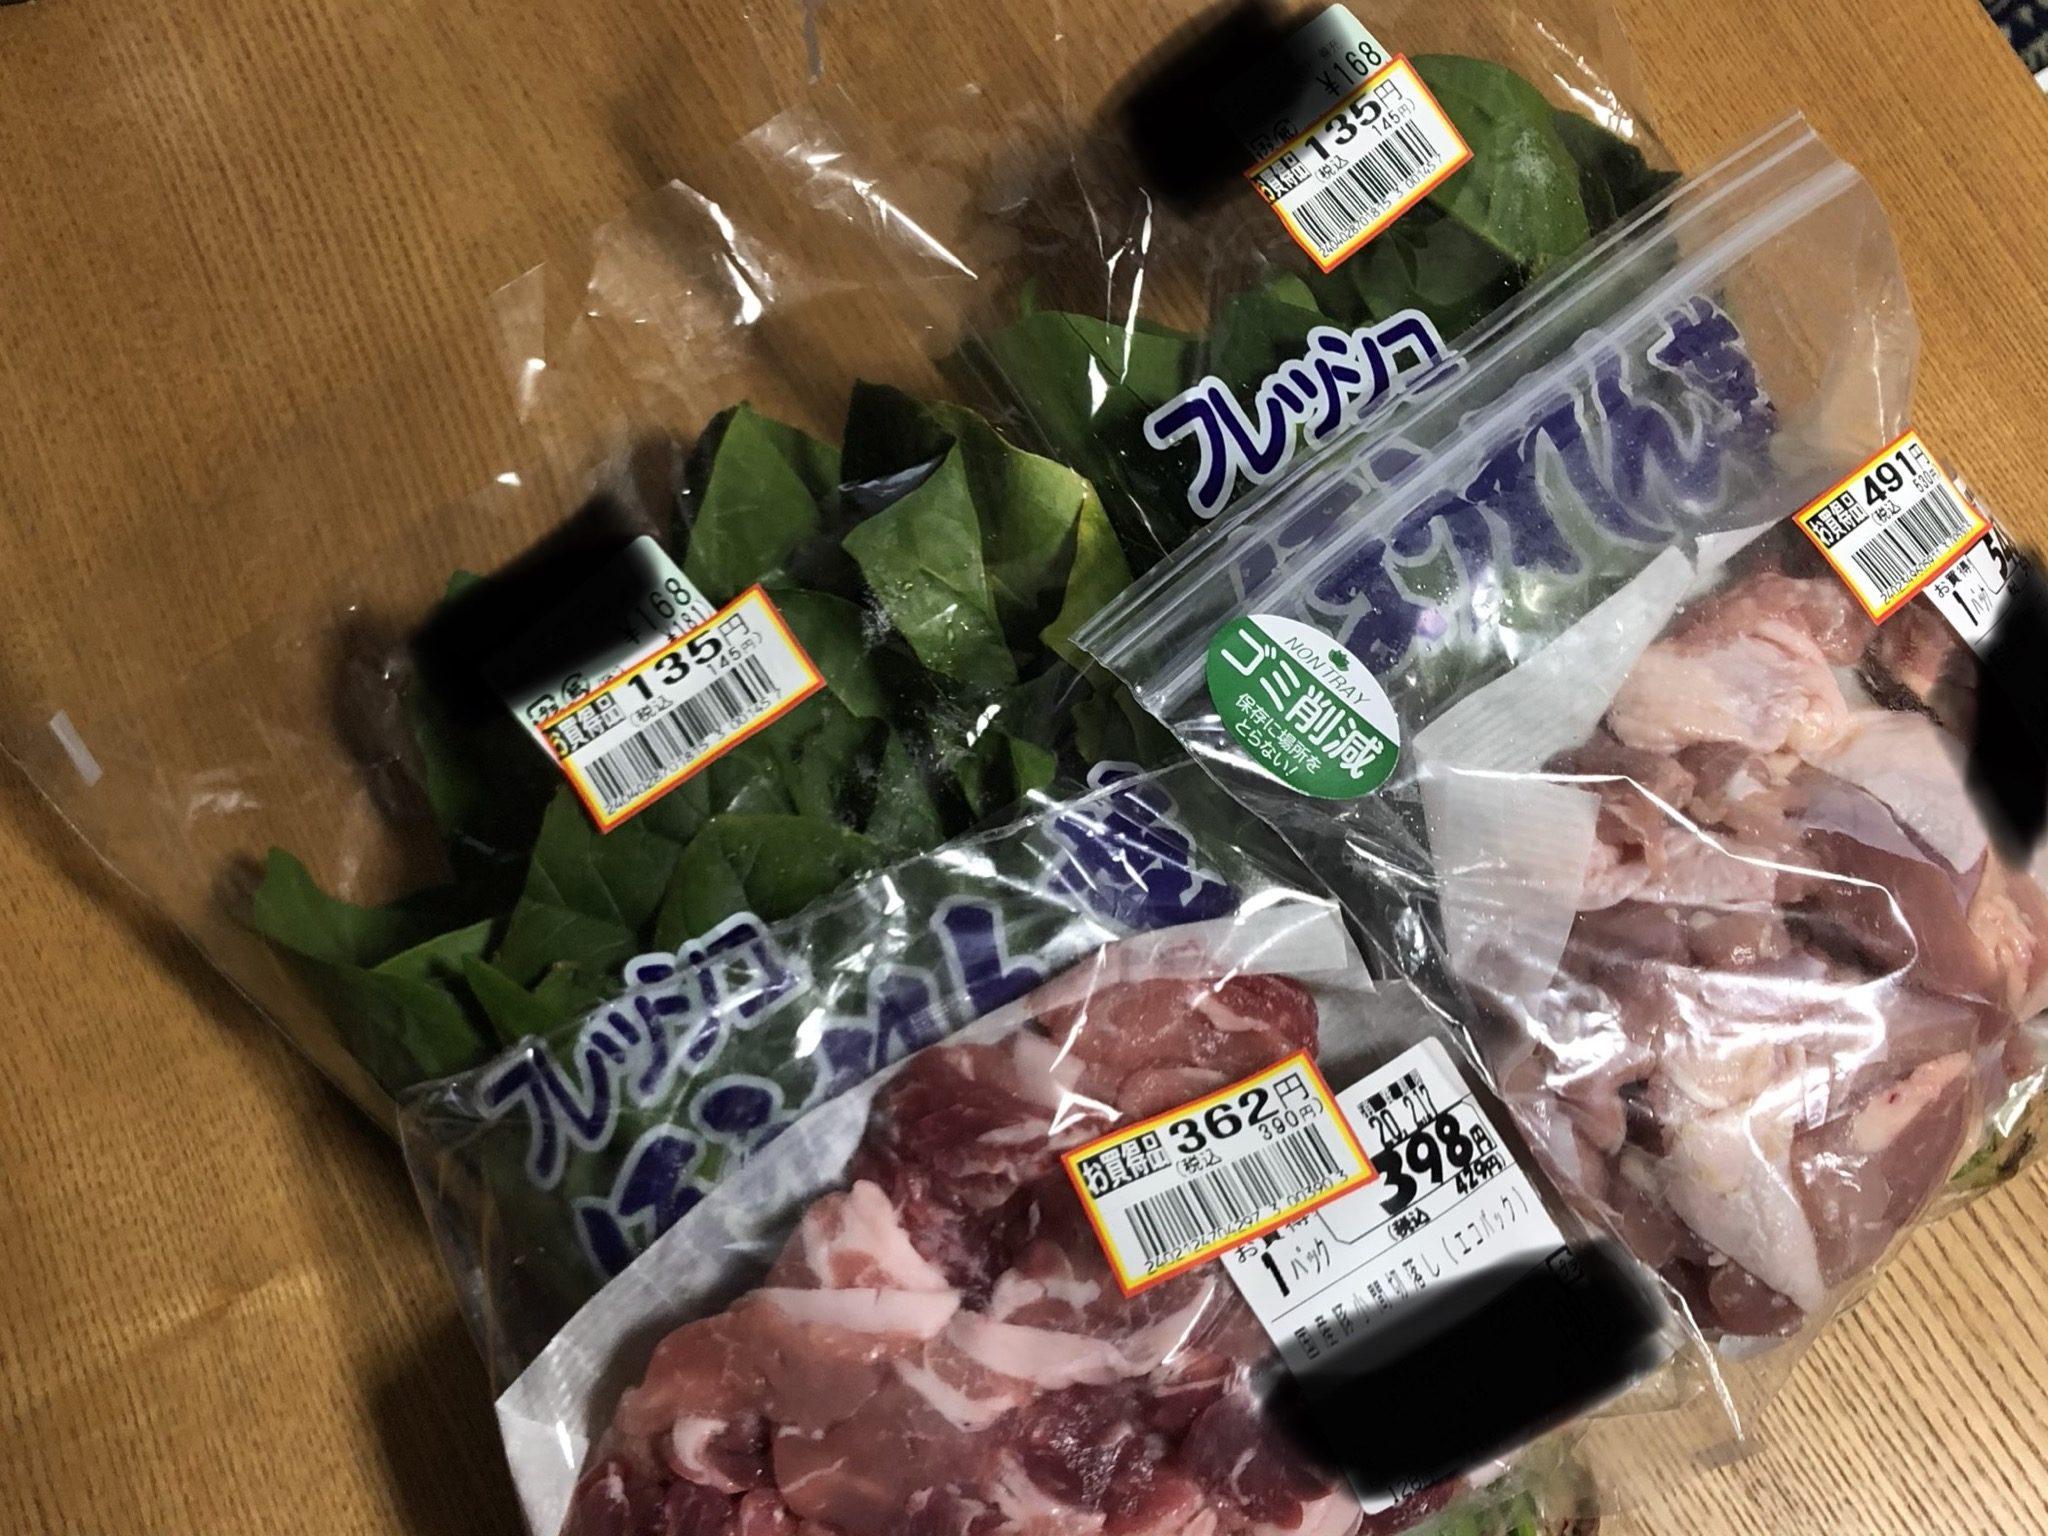 食品ロスを減らすために優先的に値引き品を買う【賢い消費者になる】